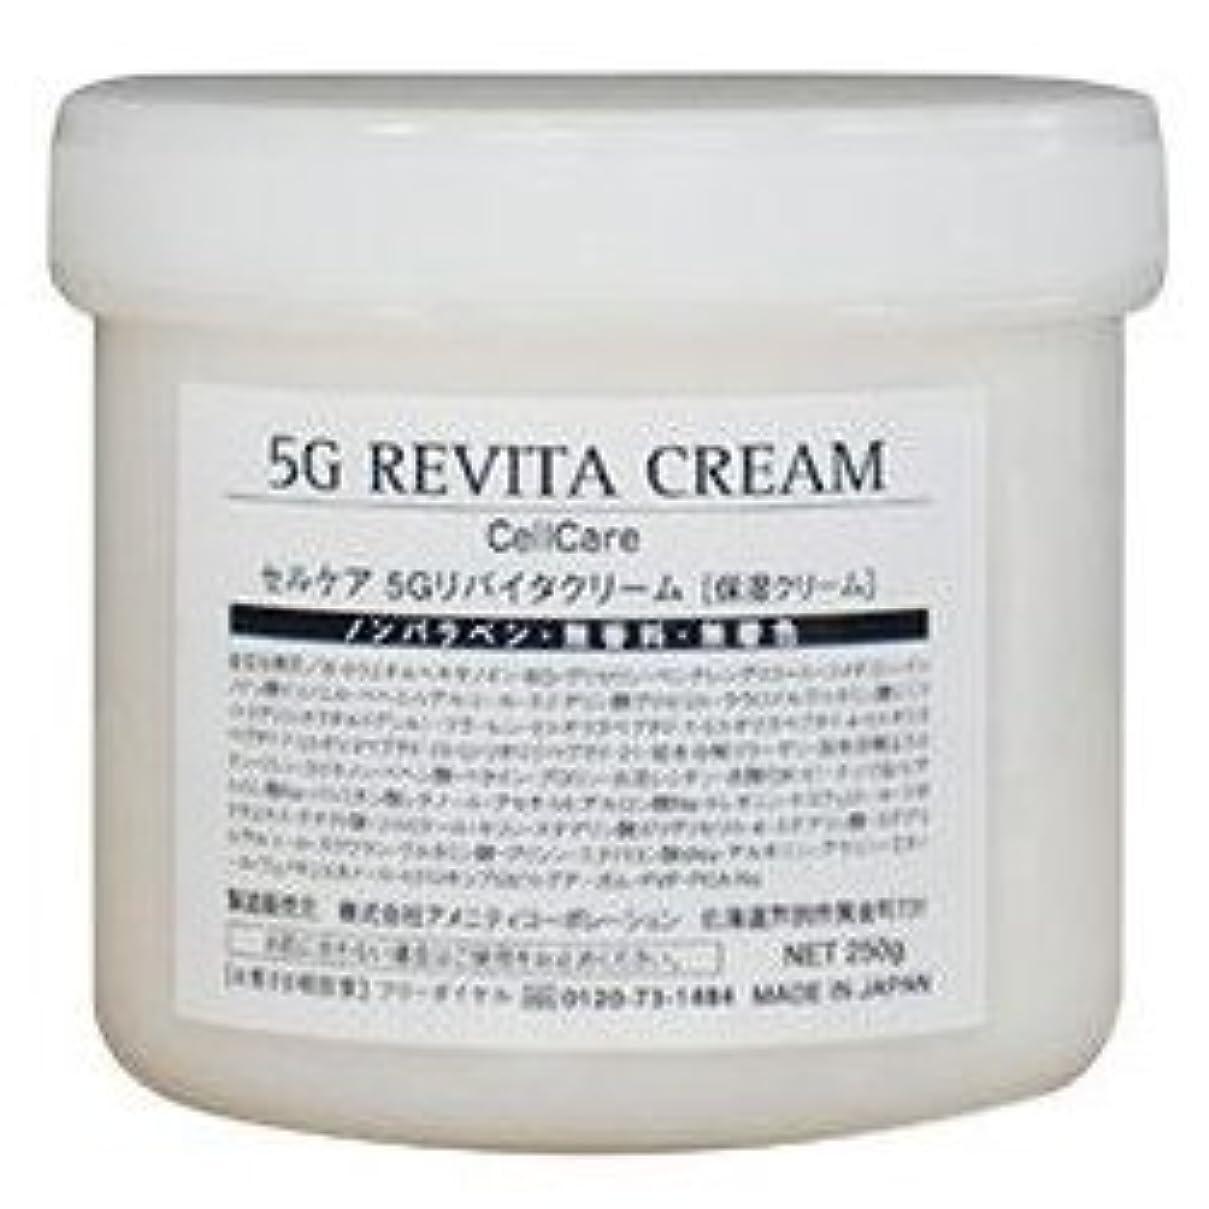 予測子通訳お酒セルケアGF プレミアム 5Gリバイタルクリーム 保湿クリーム お徳用250g